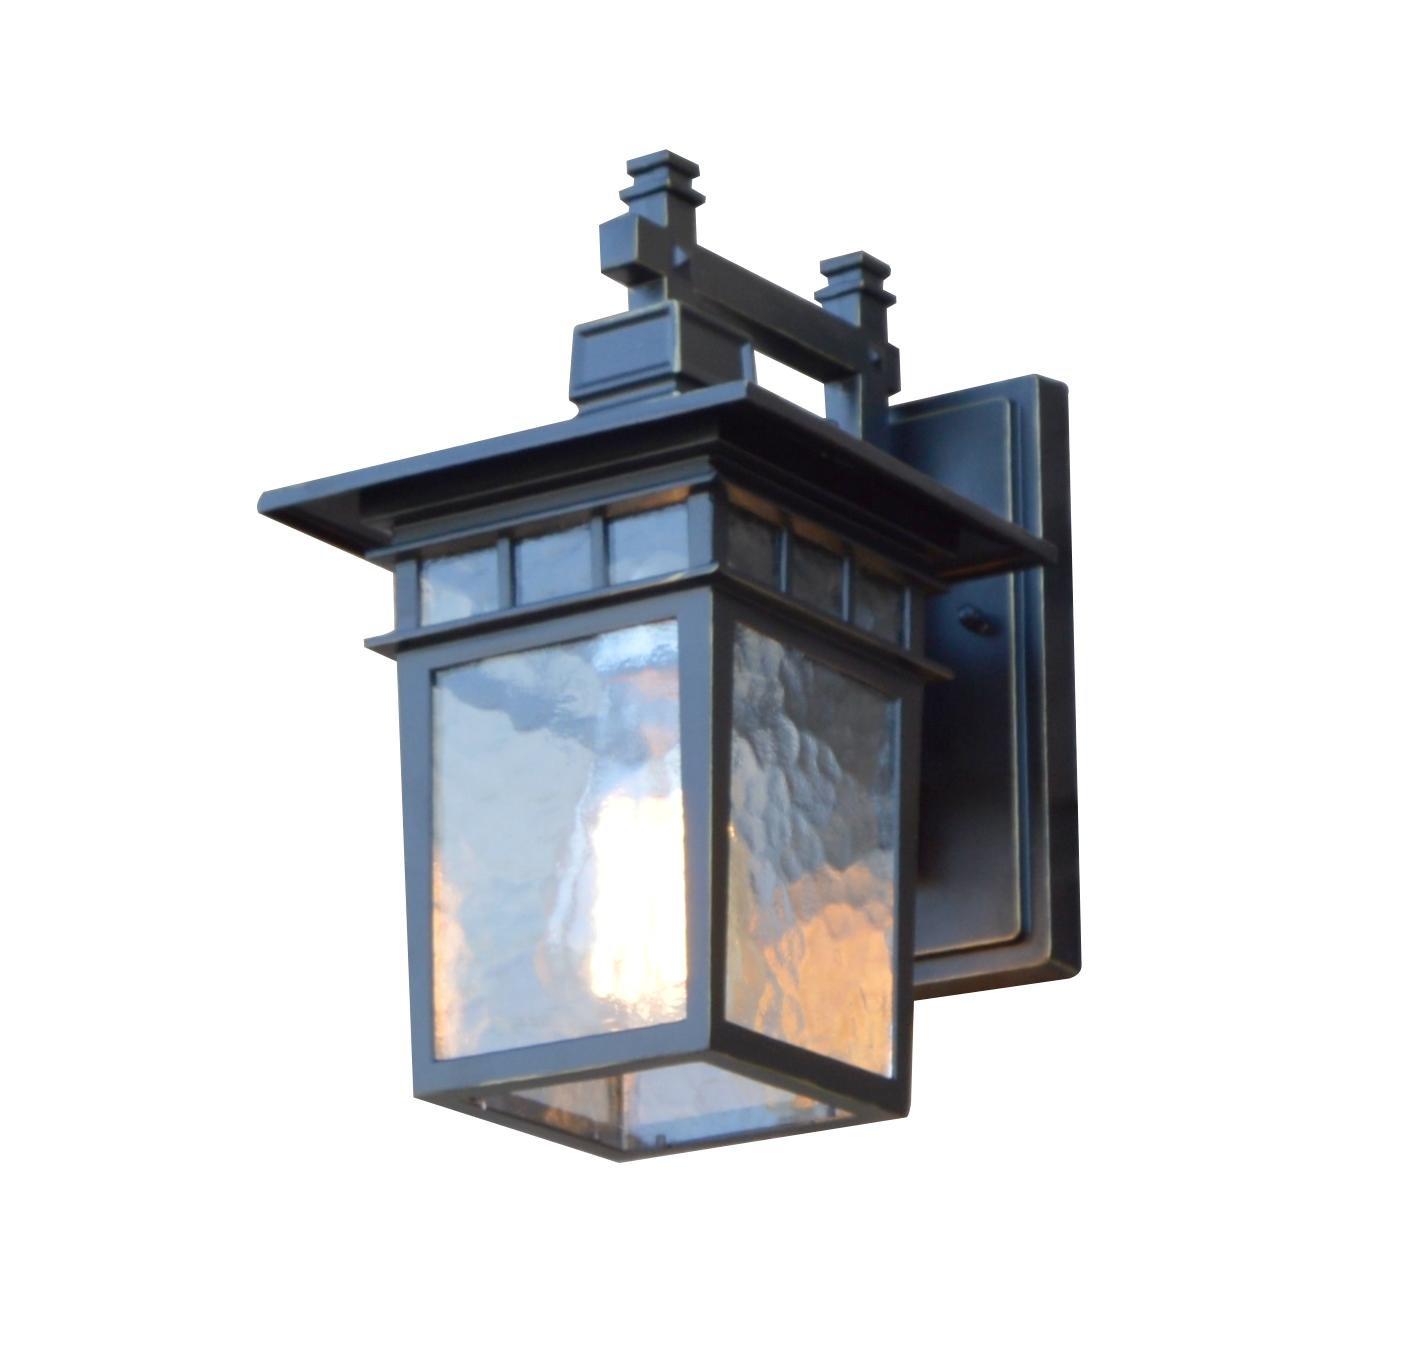 AA Warehousing EL727SBL Cullen 1 Exterior Light, Imperial Black